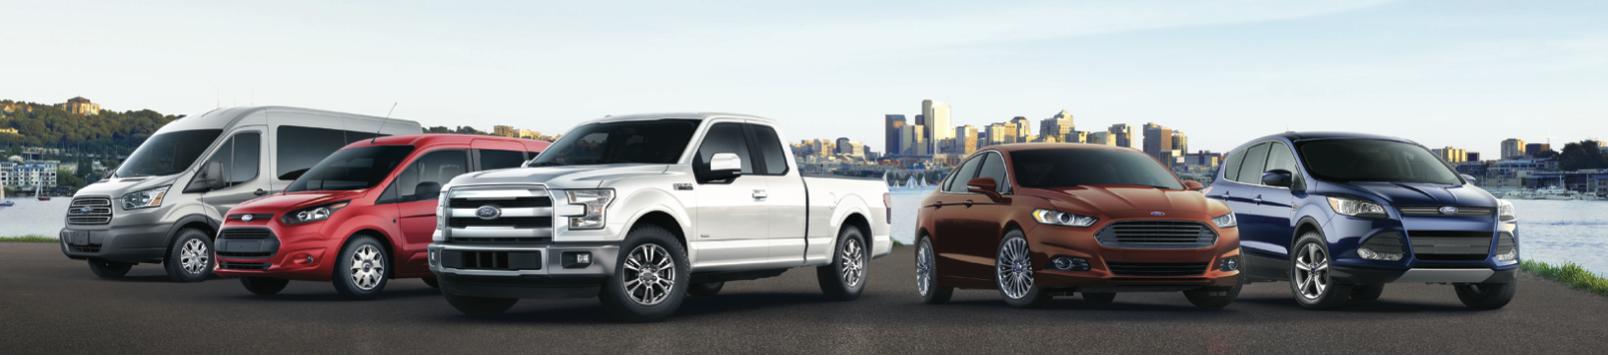 Cavalcade Ford - Fleet Program